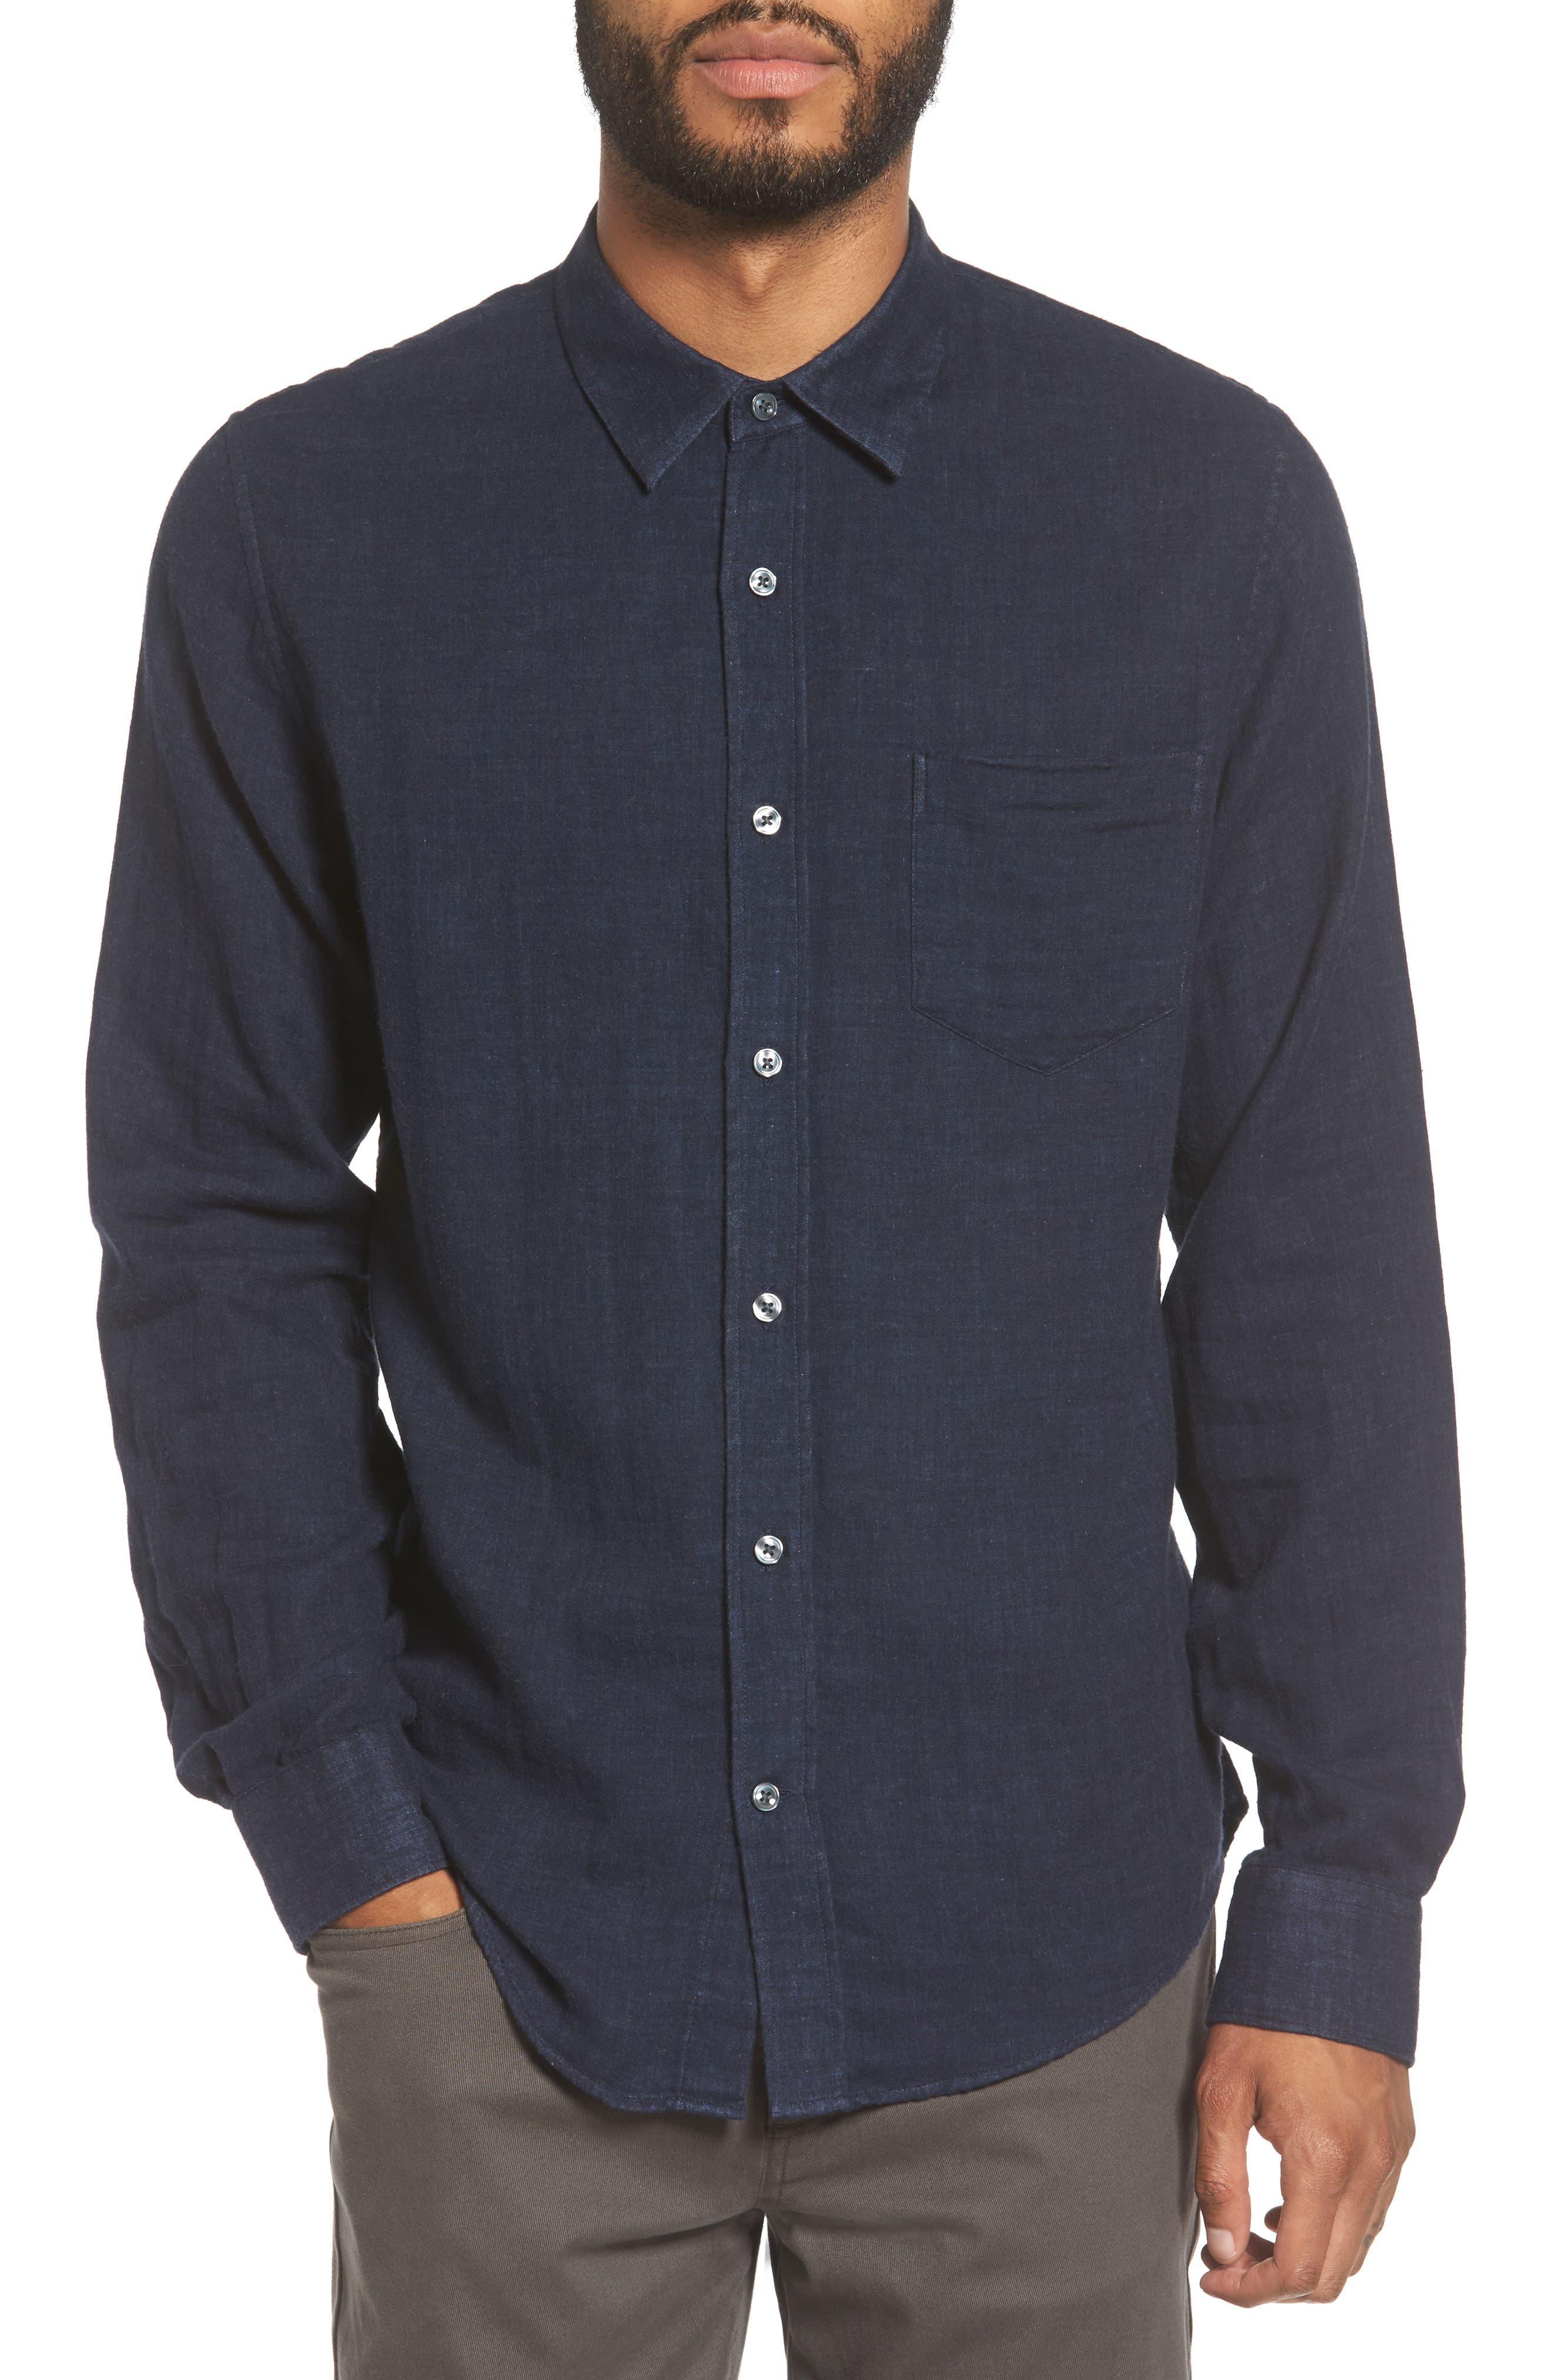 Alternate Image 1 Selected - Vince Regular Fit Solid Sport Shirt